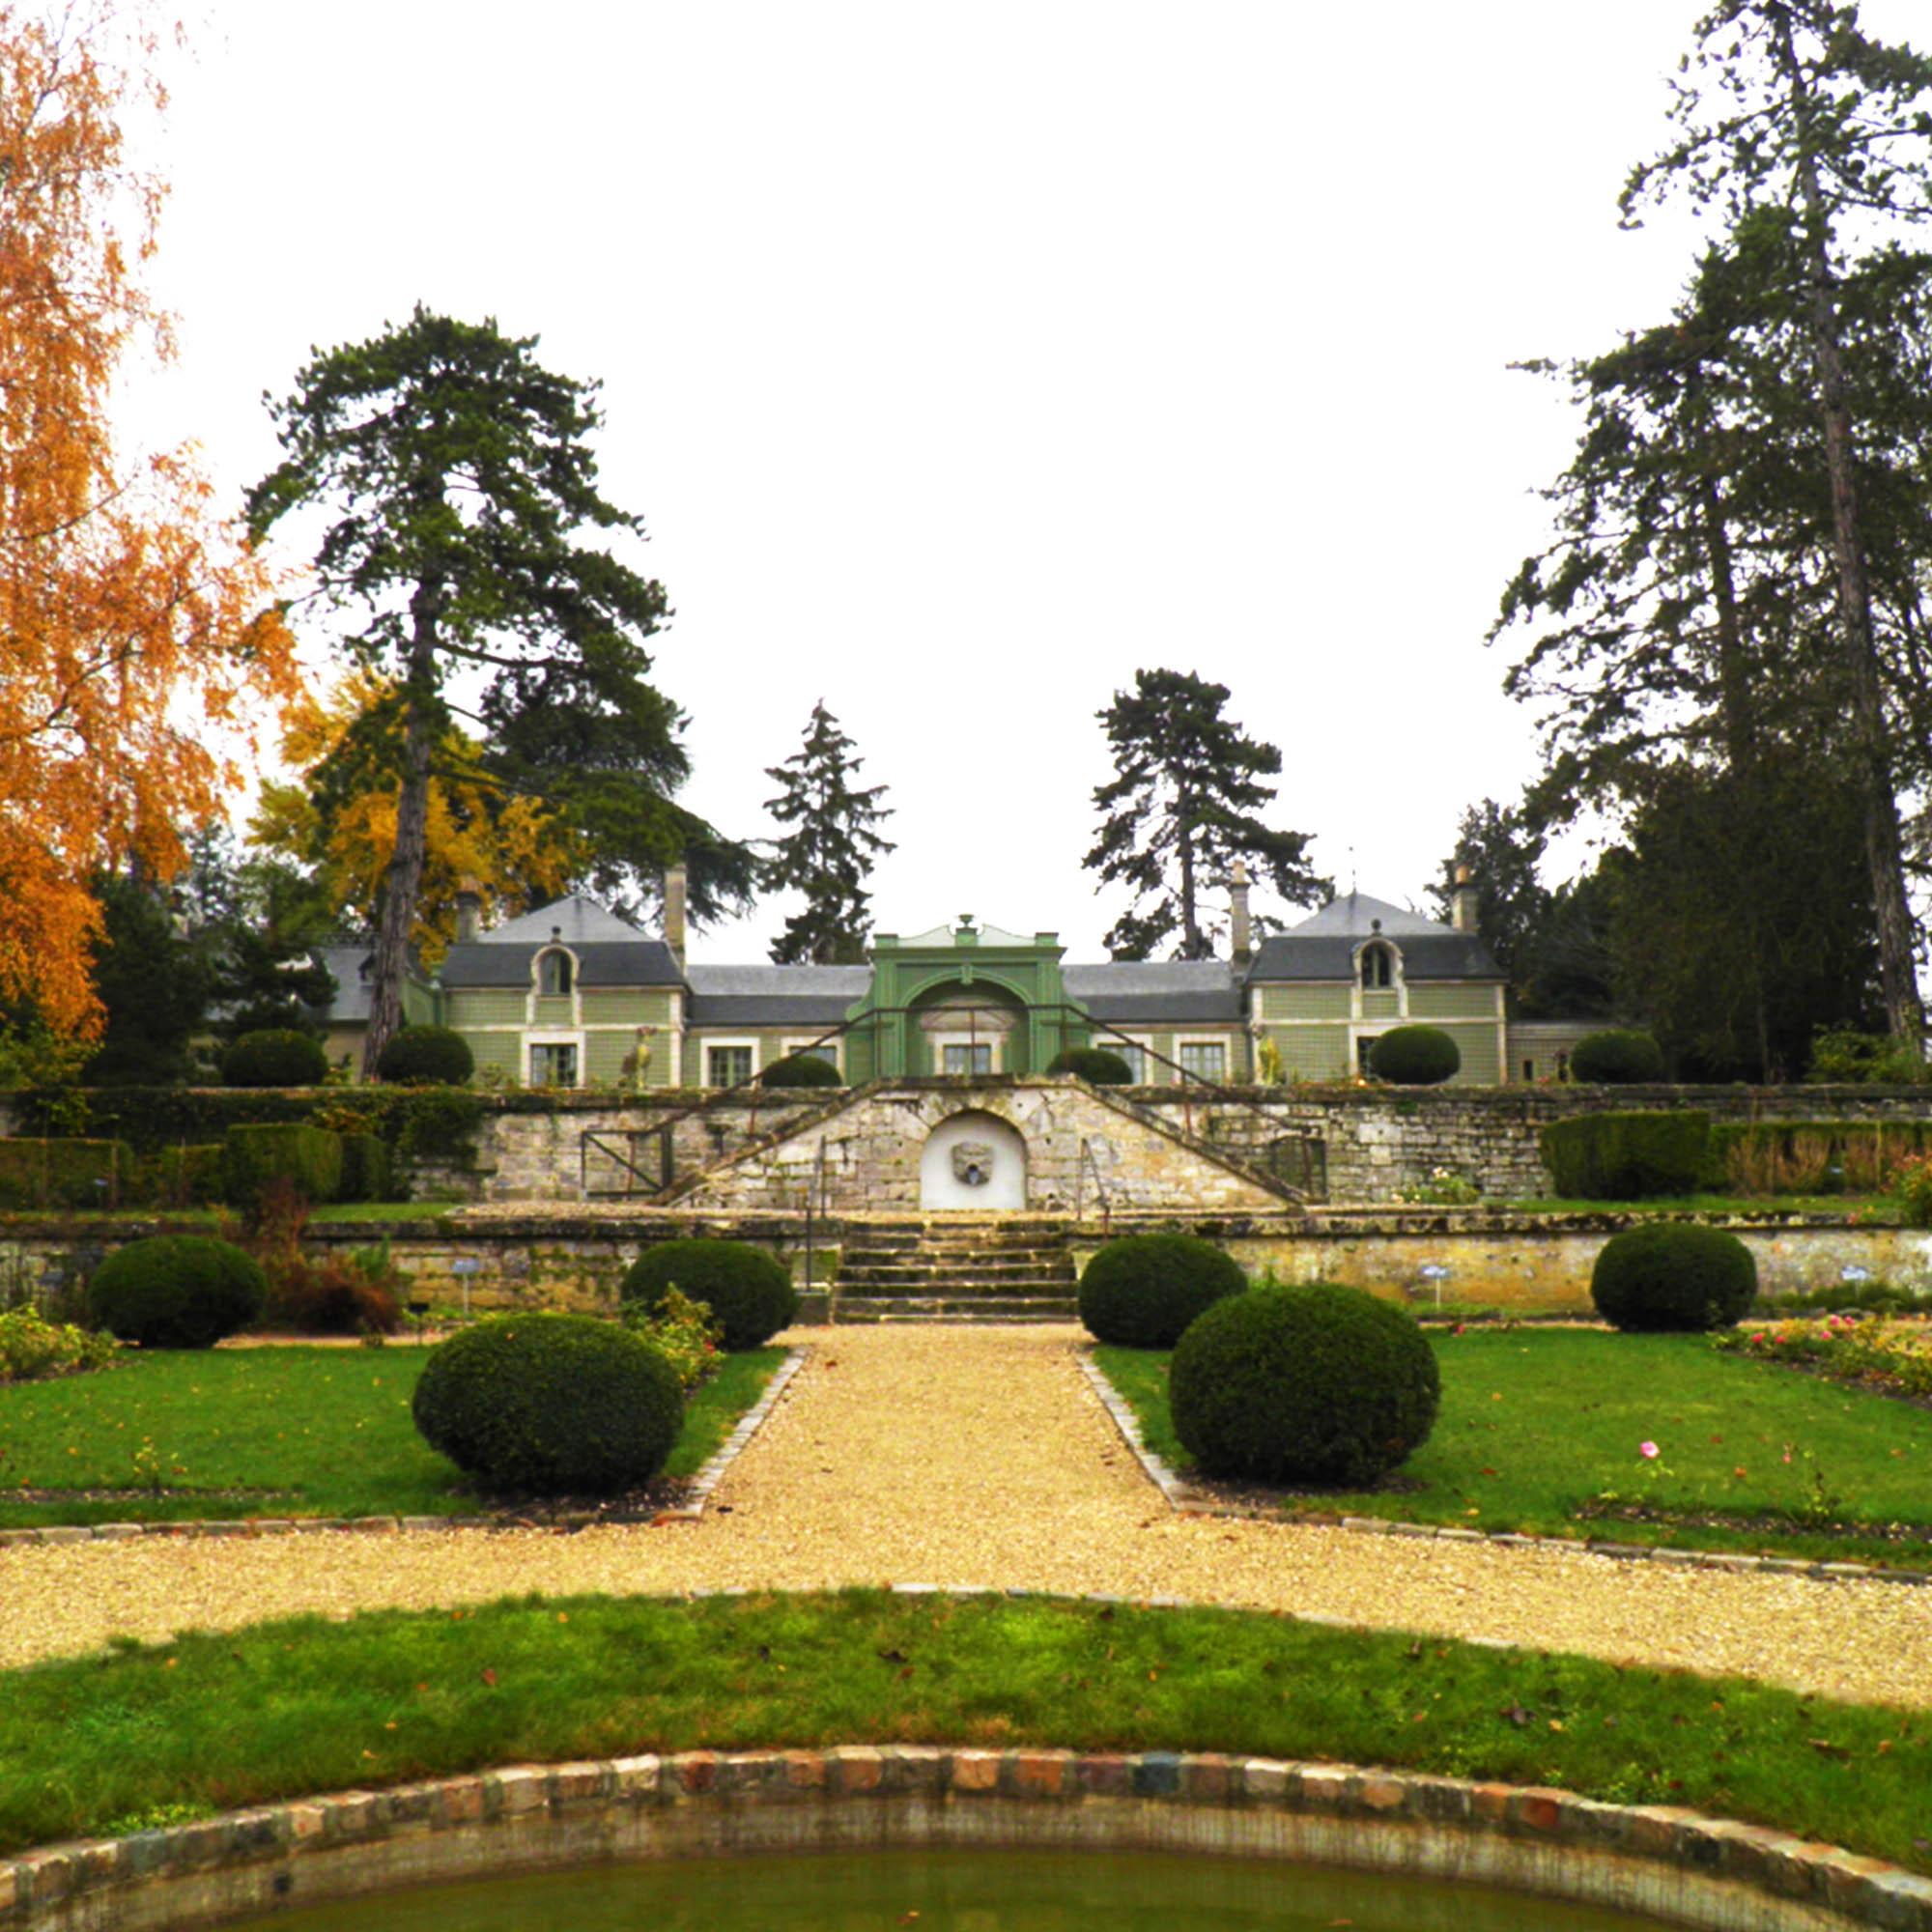 Le_Potager_des_Princes_Chantilly_gîte_saint_germain_oise_versigny